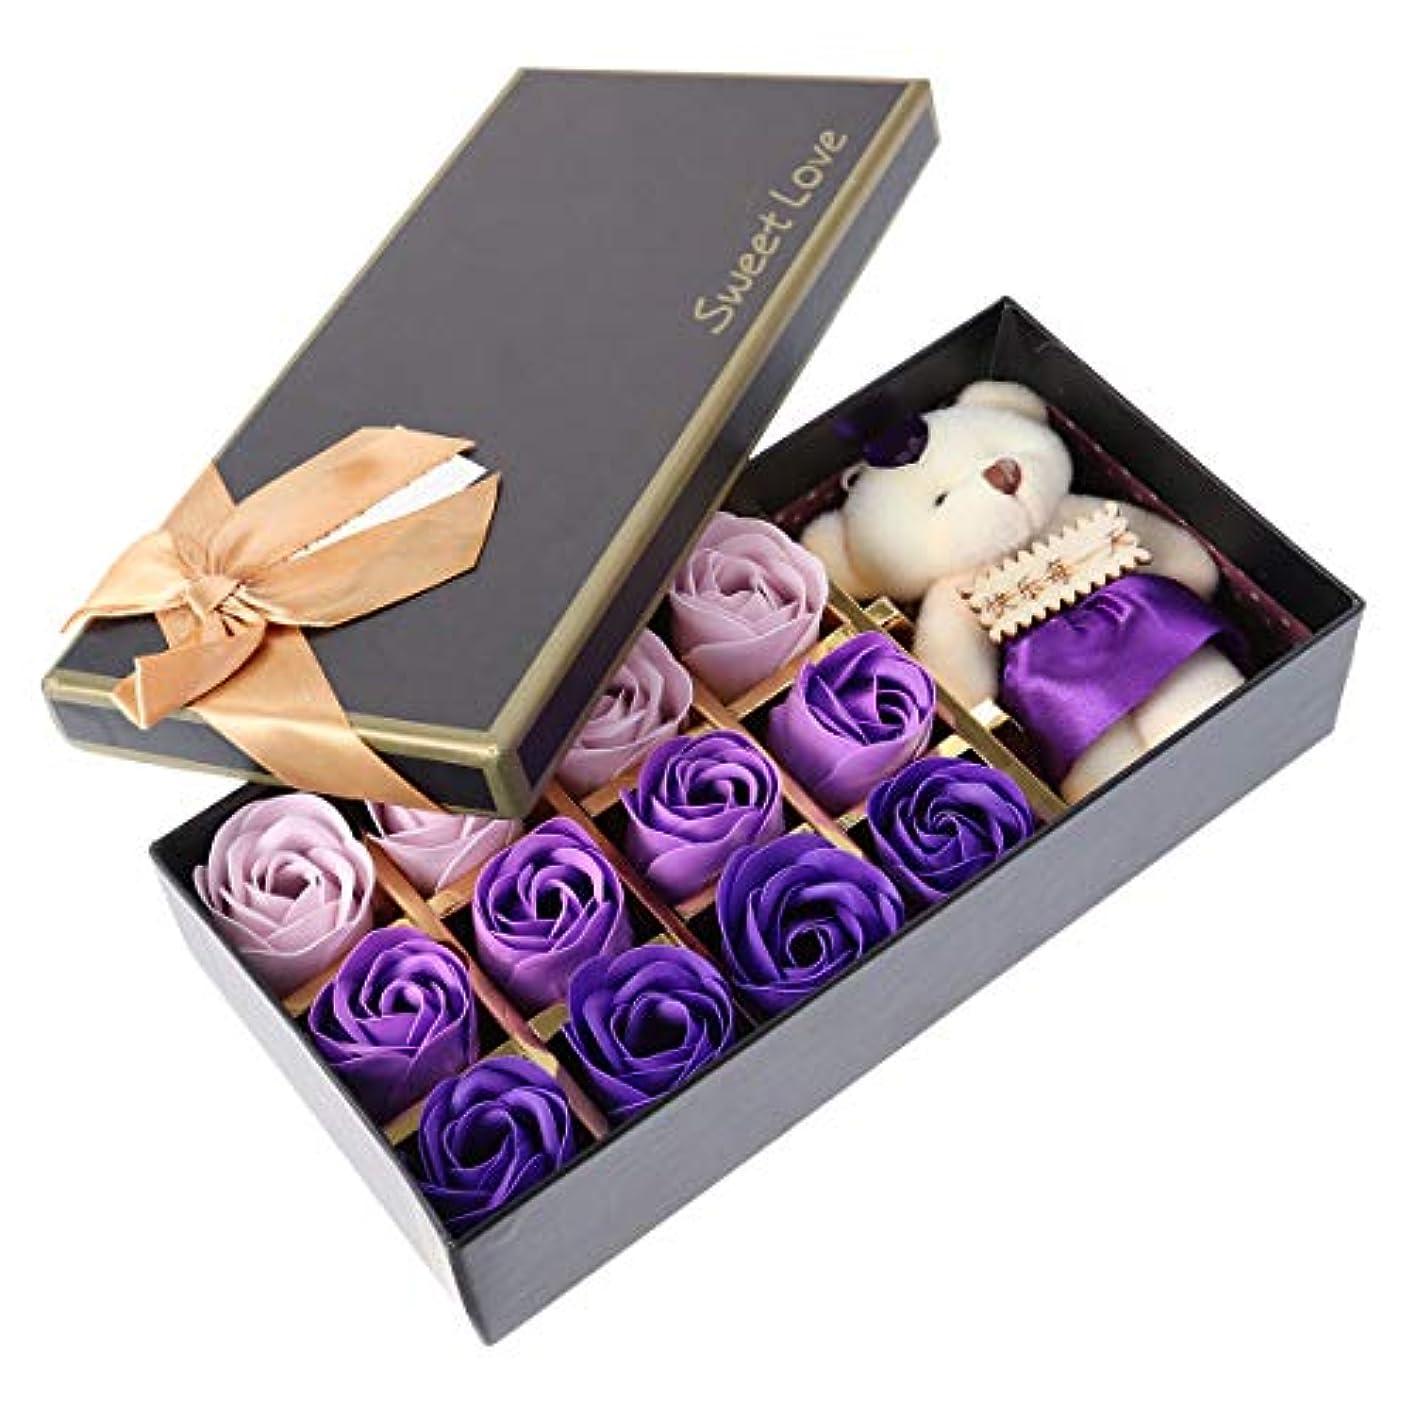 常習者責め不満Beaupretty バレンタインデーの結婚式の誕生日プレゼントのための小さなクマとバラの石鹸の花